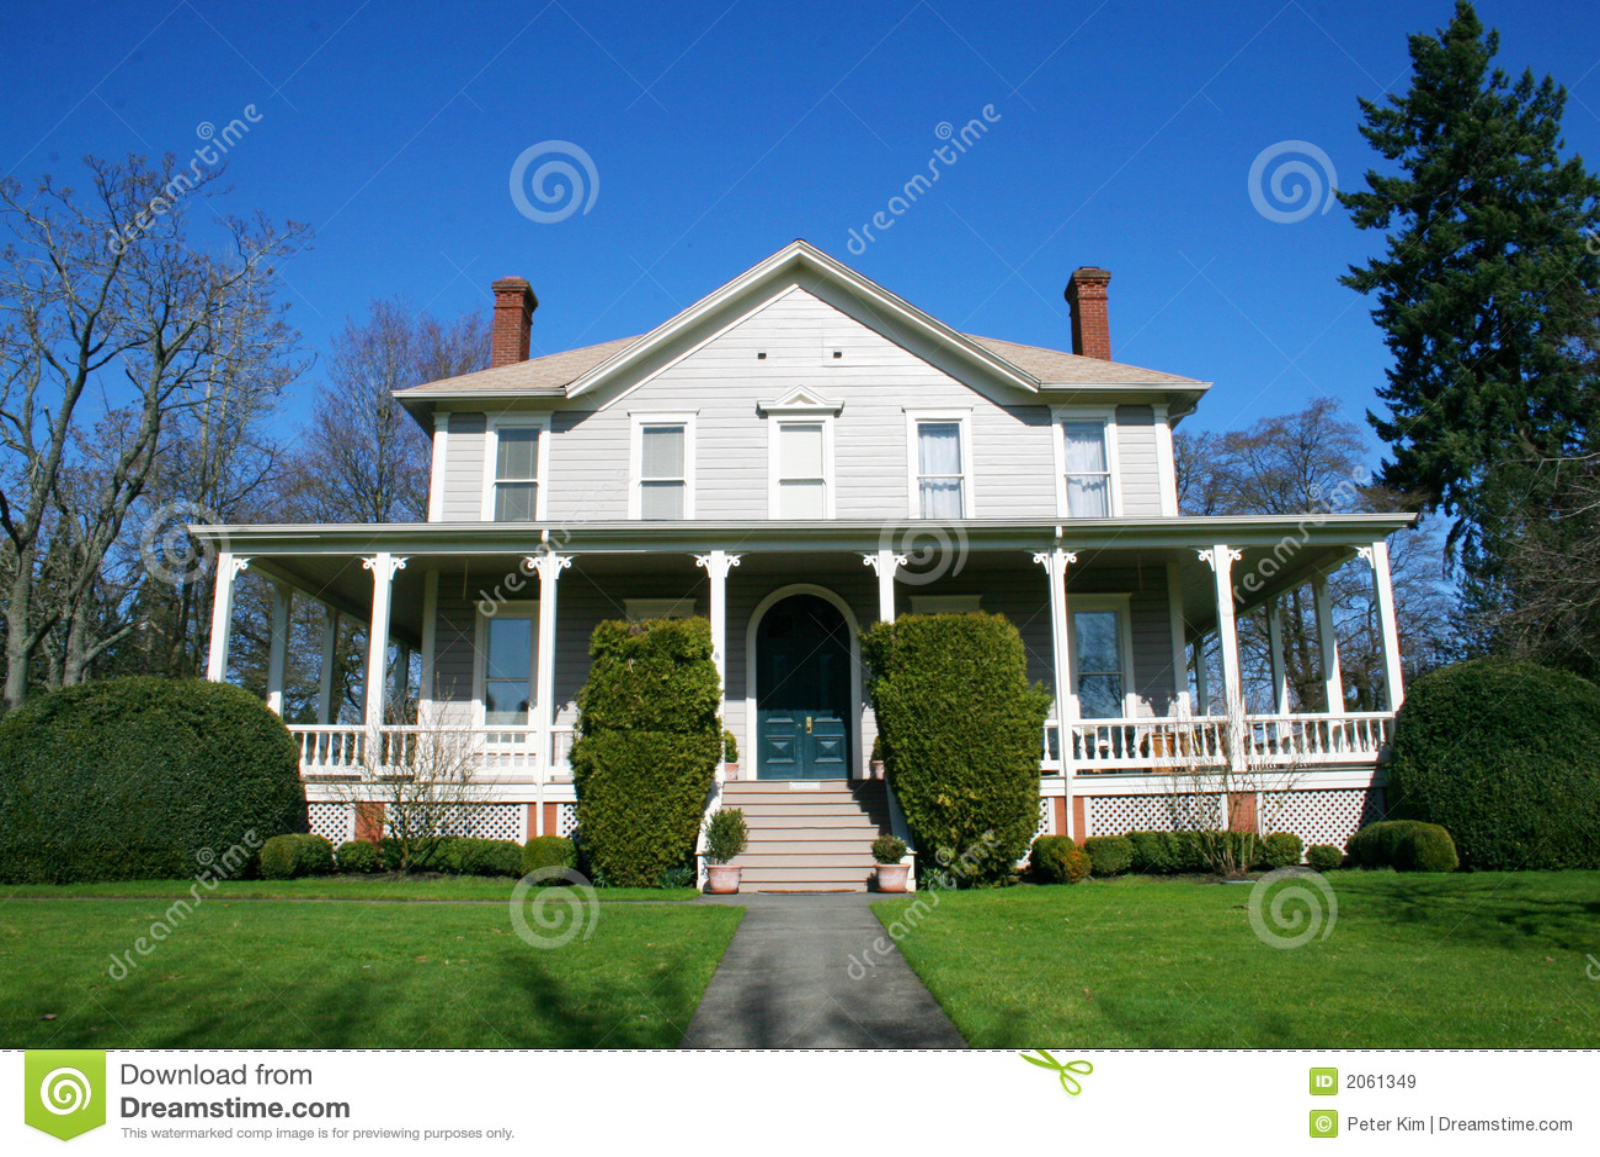 Hersteld oud huis.